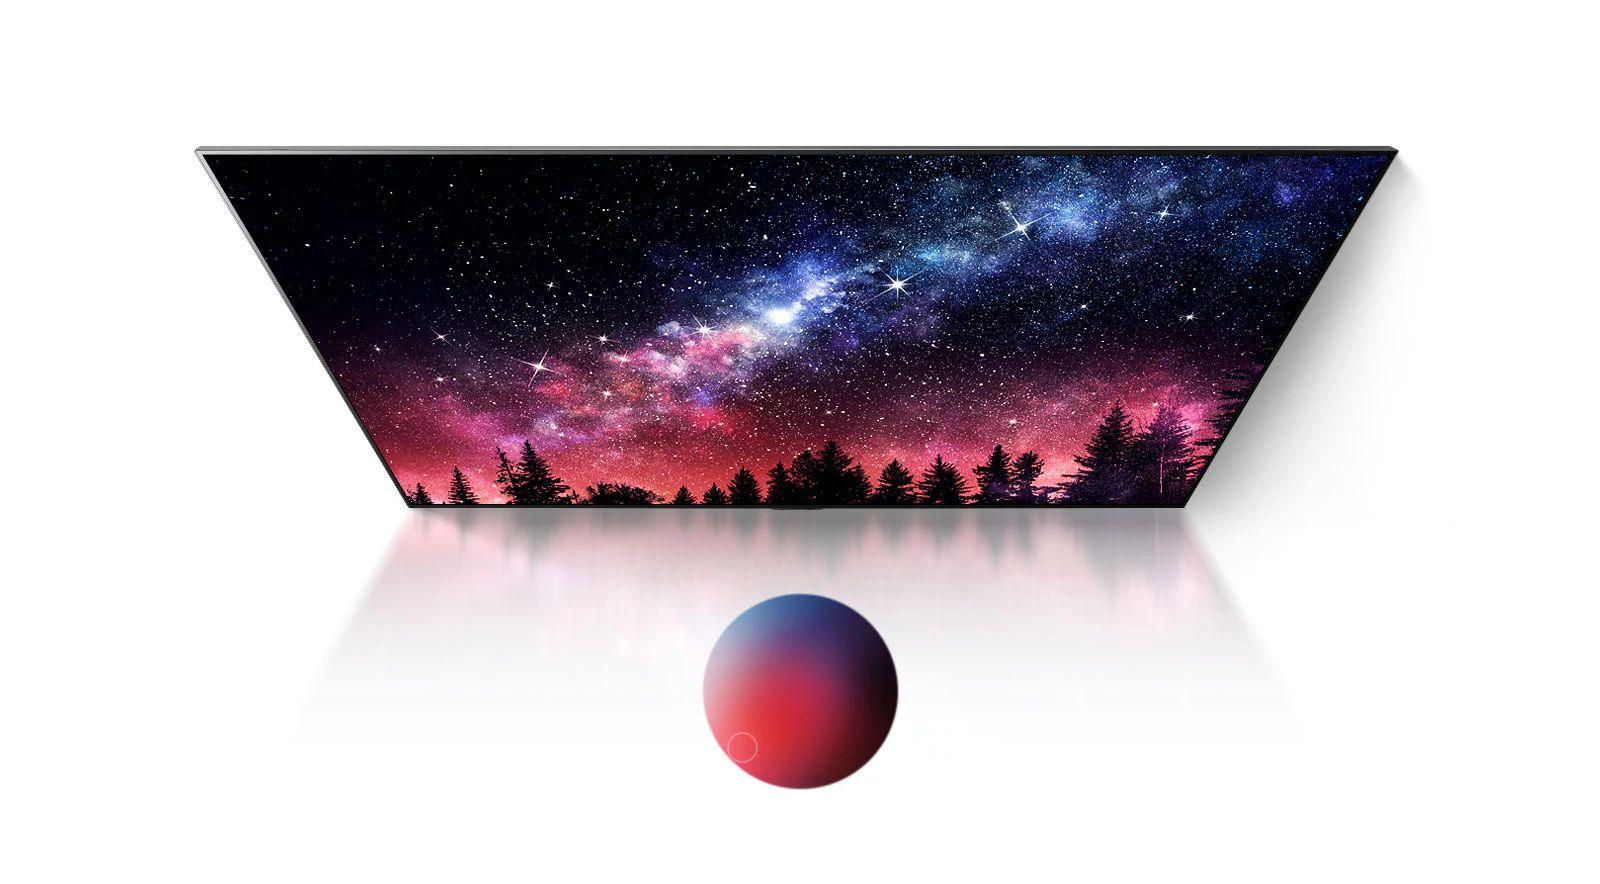 Ein TV-Bildschirm, der die Milchstraße, den blauen Himmel und eine Explosion von buntem Staub in hervorragender Bildqualität anzeigt (Video abspielen)